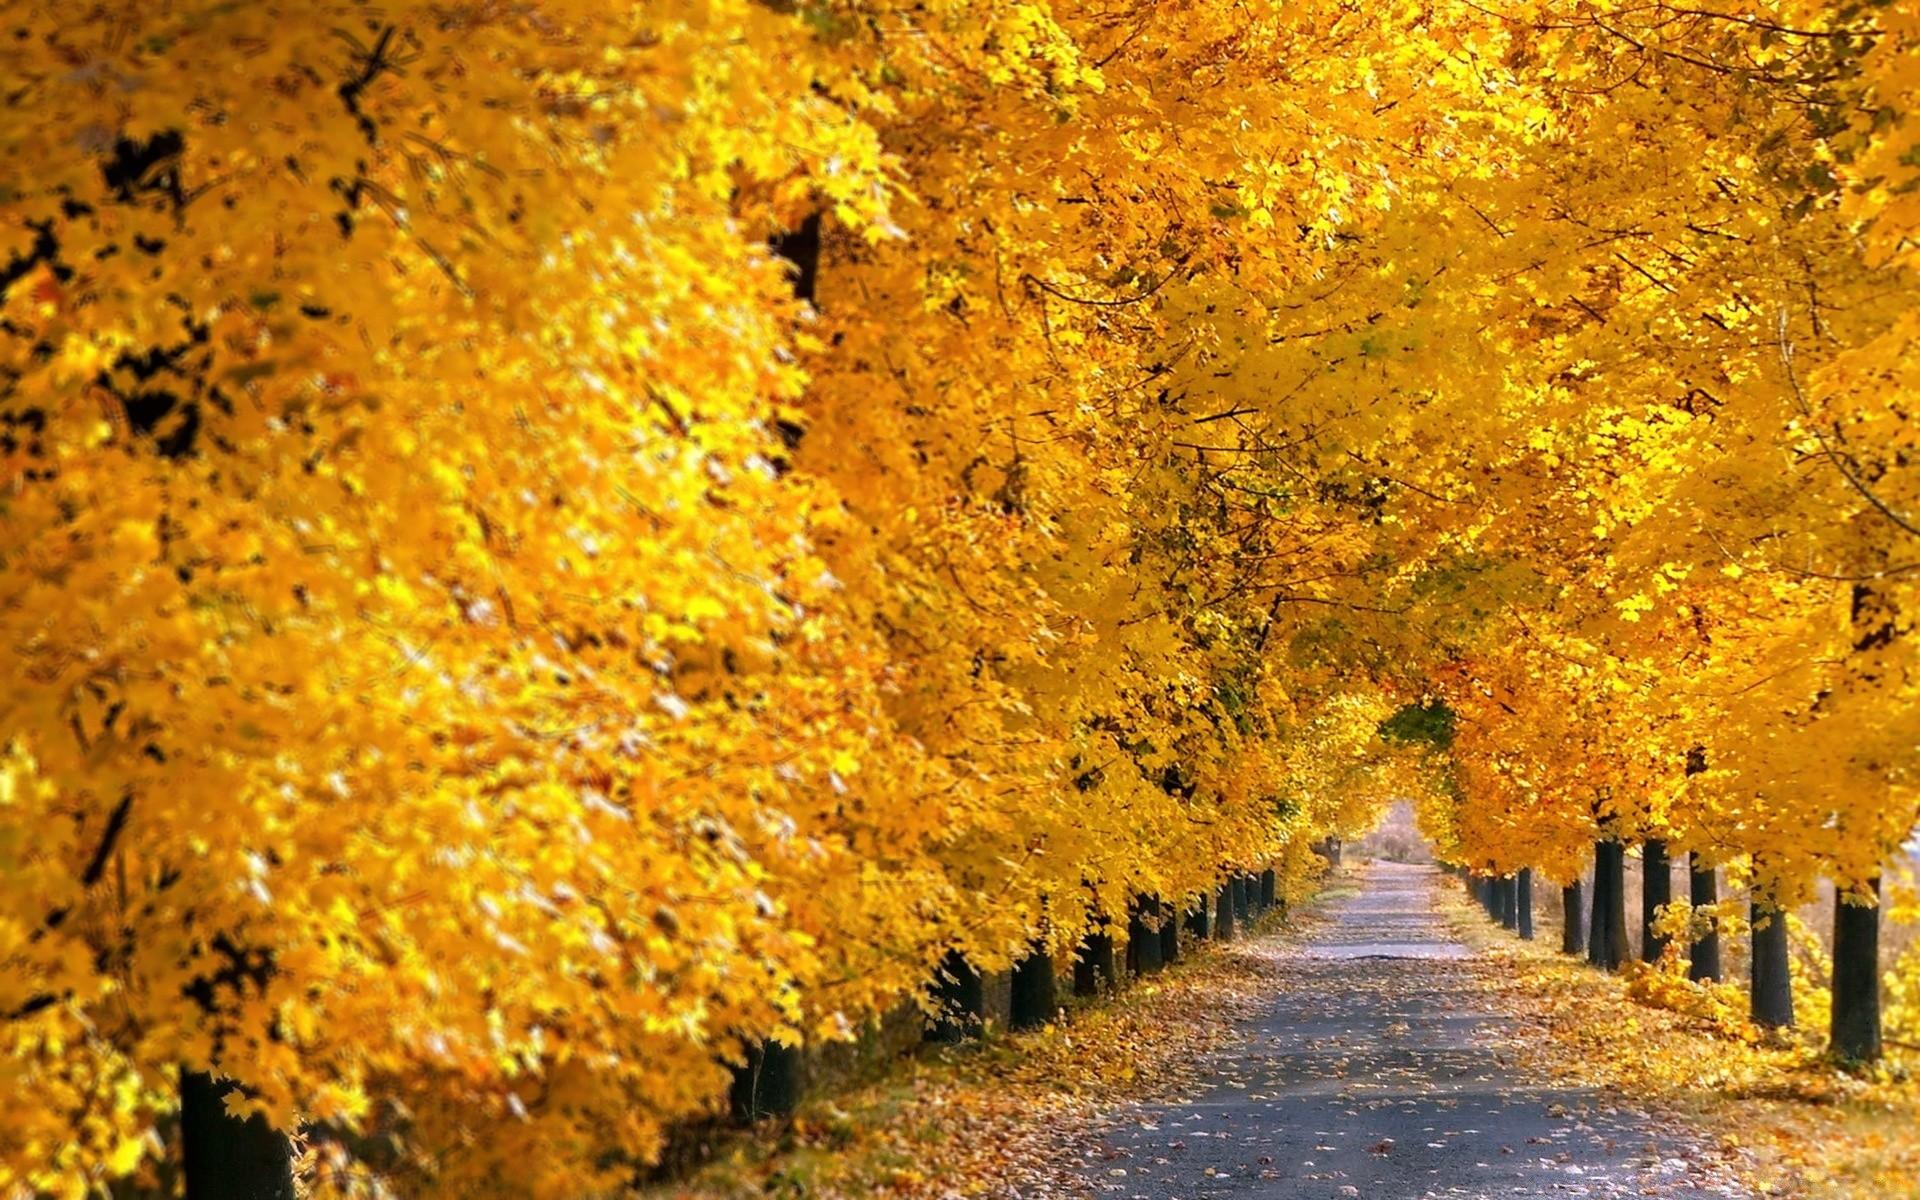 аллея из осенних деревьев бесплатно